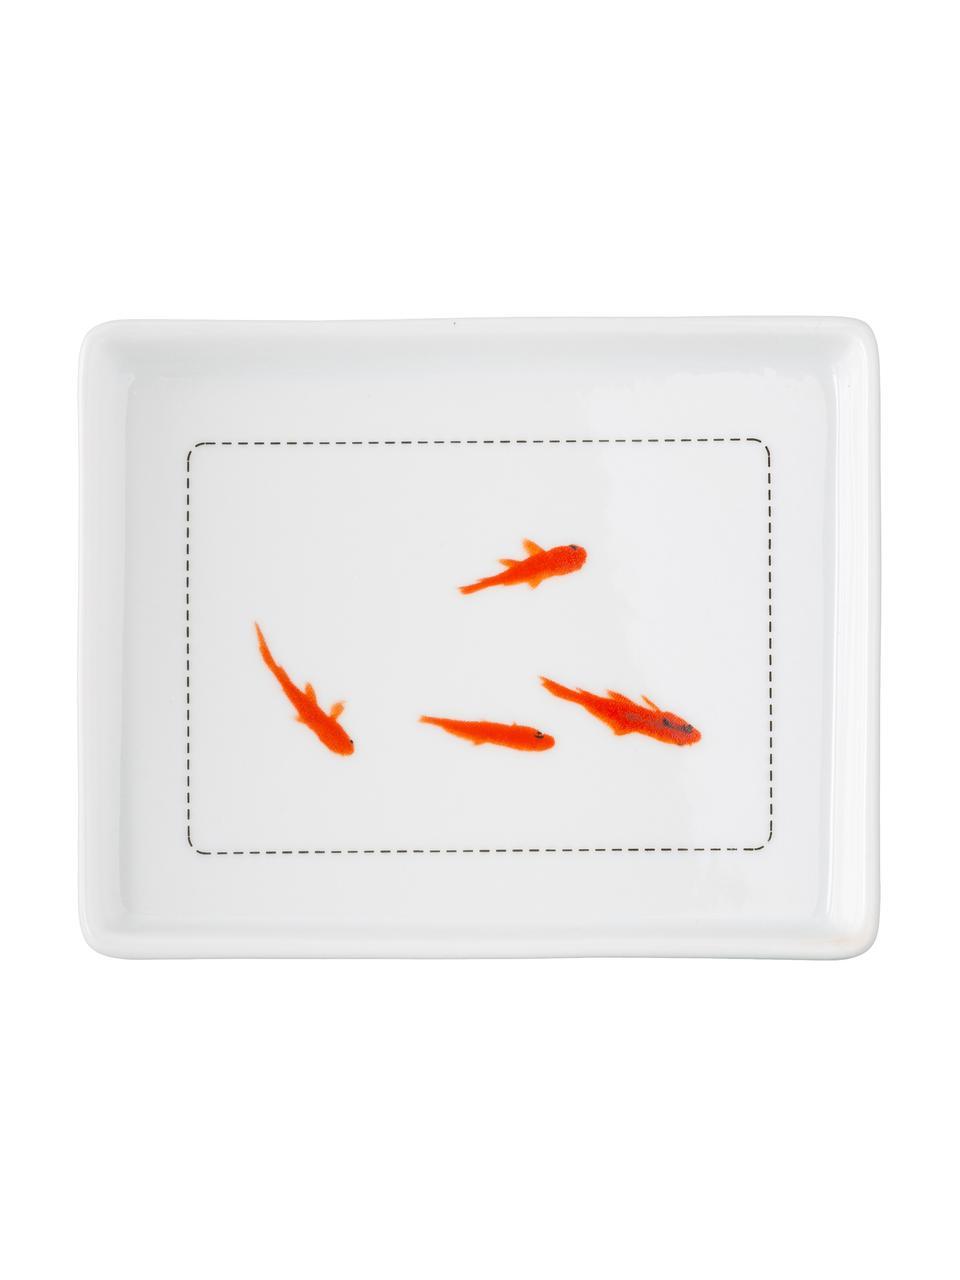 Butterdose Fische, Porzellan, Deckel: WeißUntersetzer:Weiß, Orange, Schwarz, 14 x 6 cm